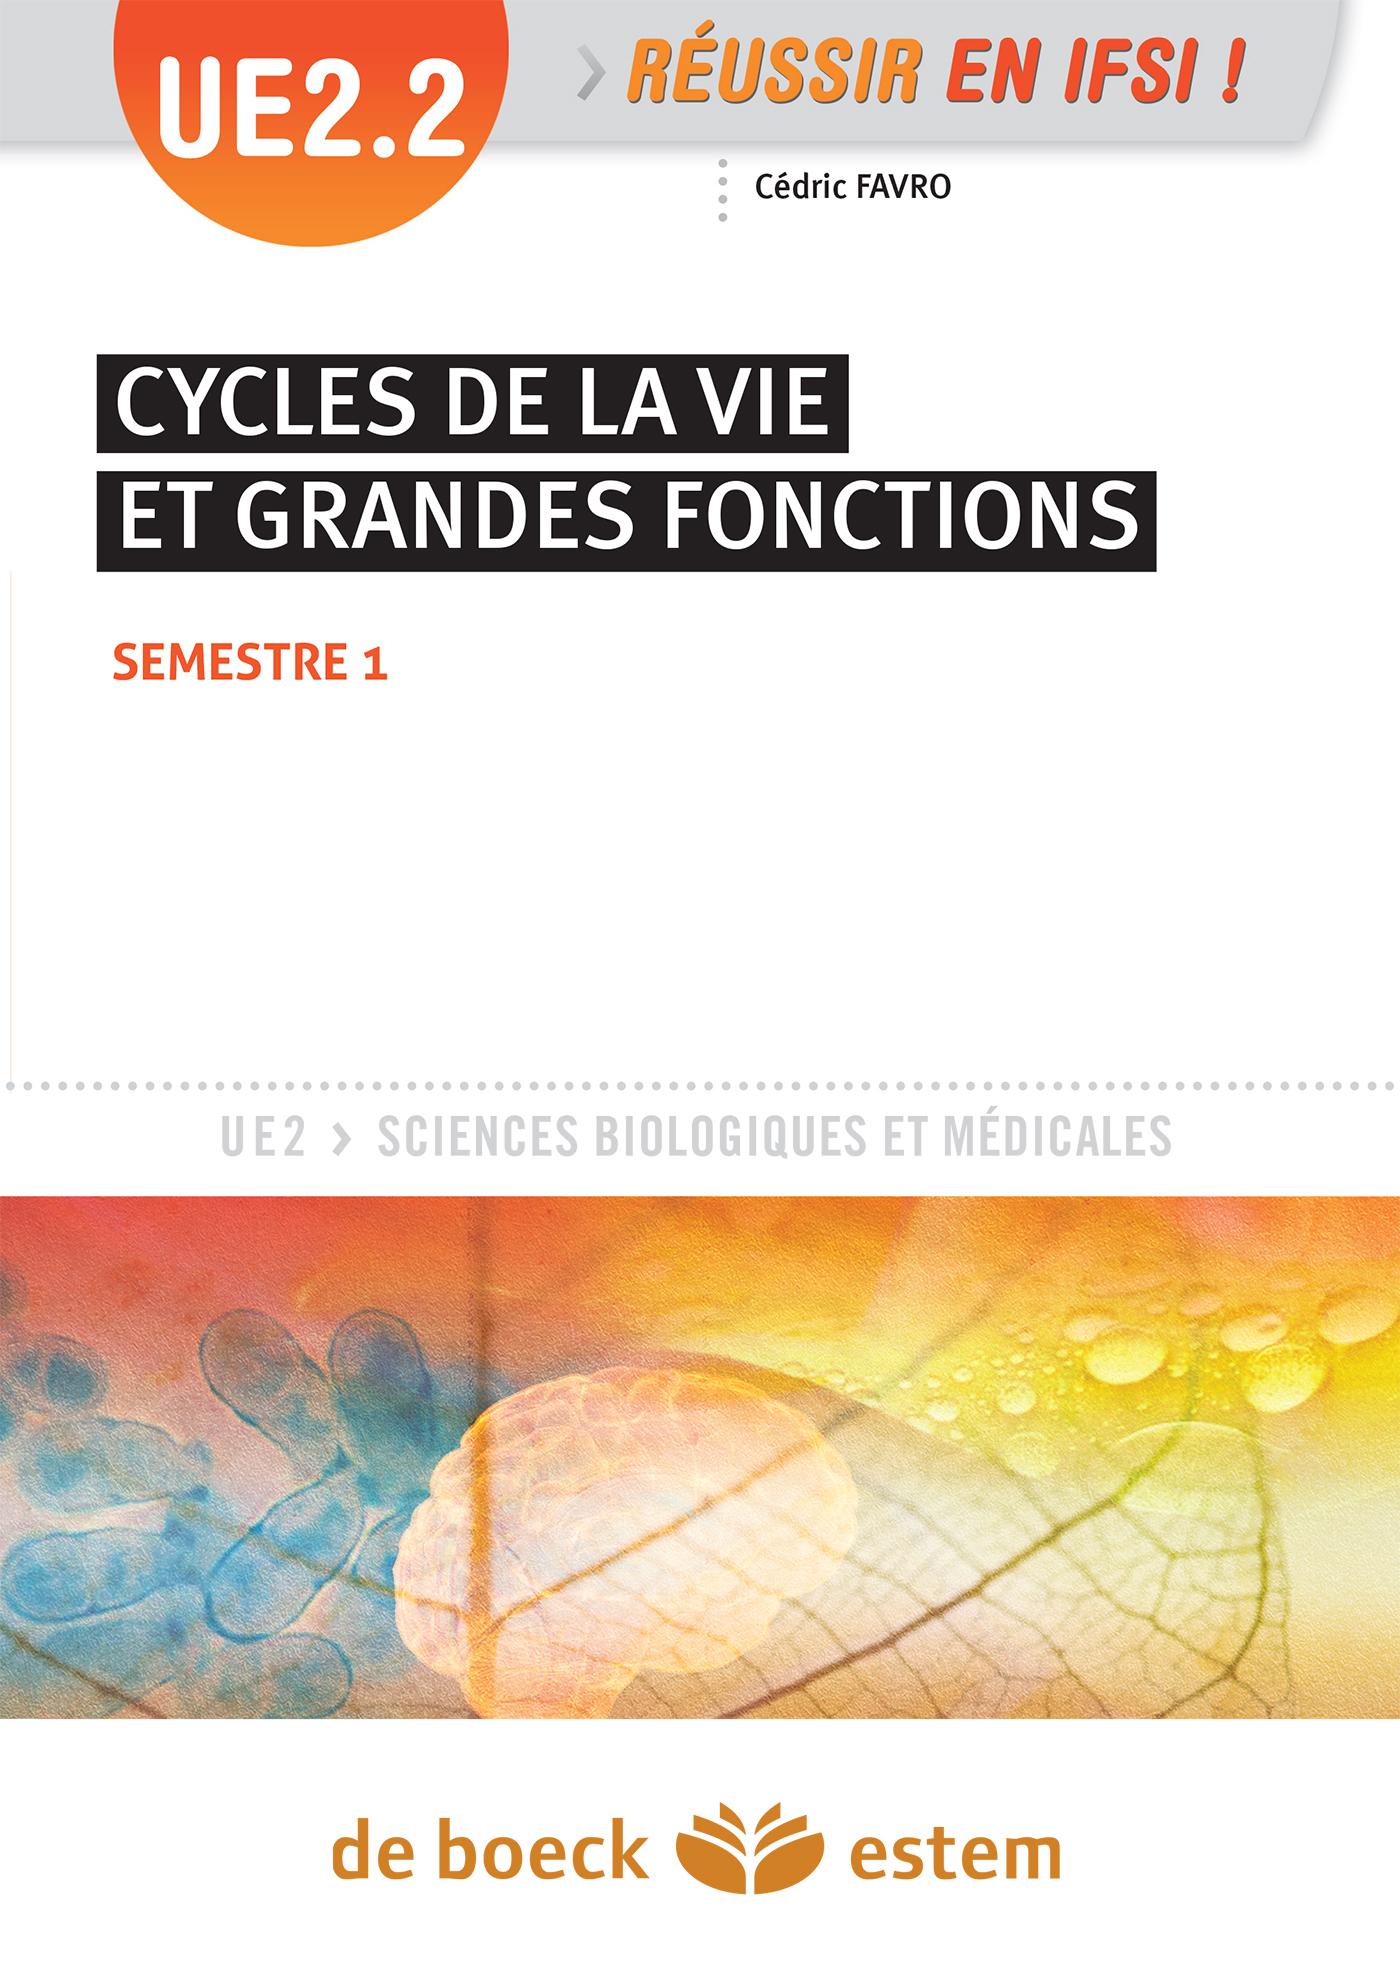 UE 2.2 CYCLES DE LA VIE ET GRANDES FONCTIONS